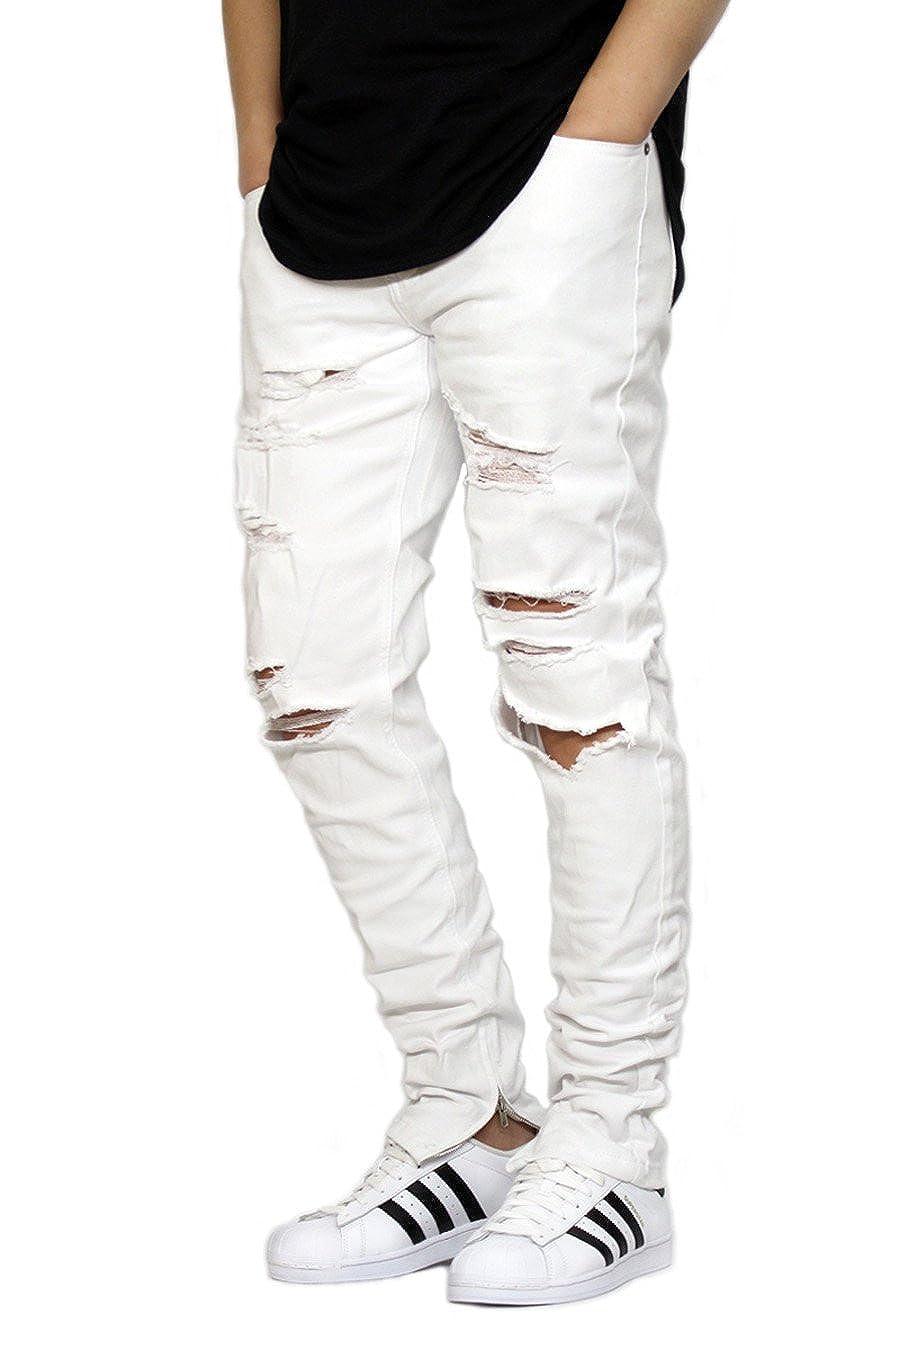 e0094855e55 KDNK URBANJ Men s White Destroyed Ankle Zipper Skinny Jeans at Amazon Men s  Clothing store